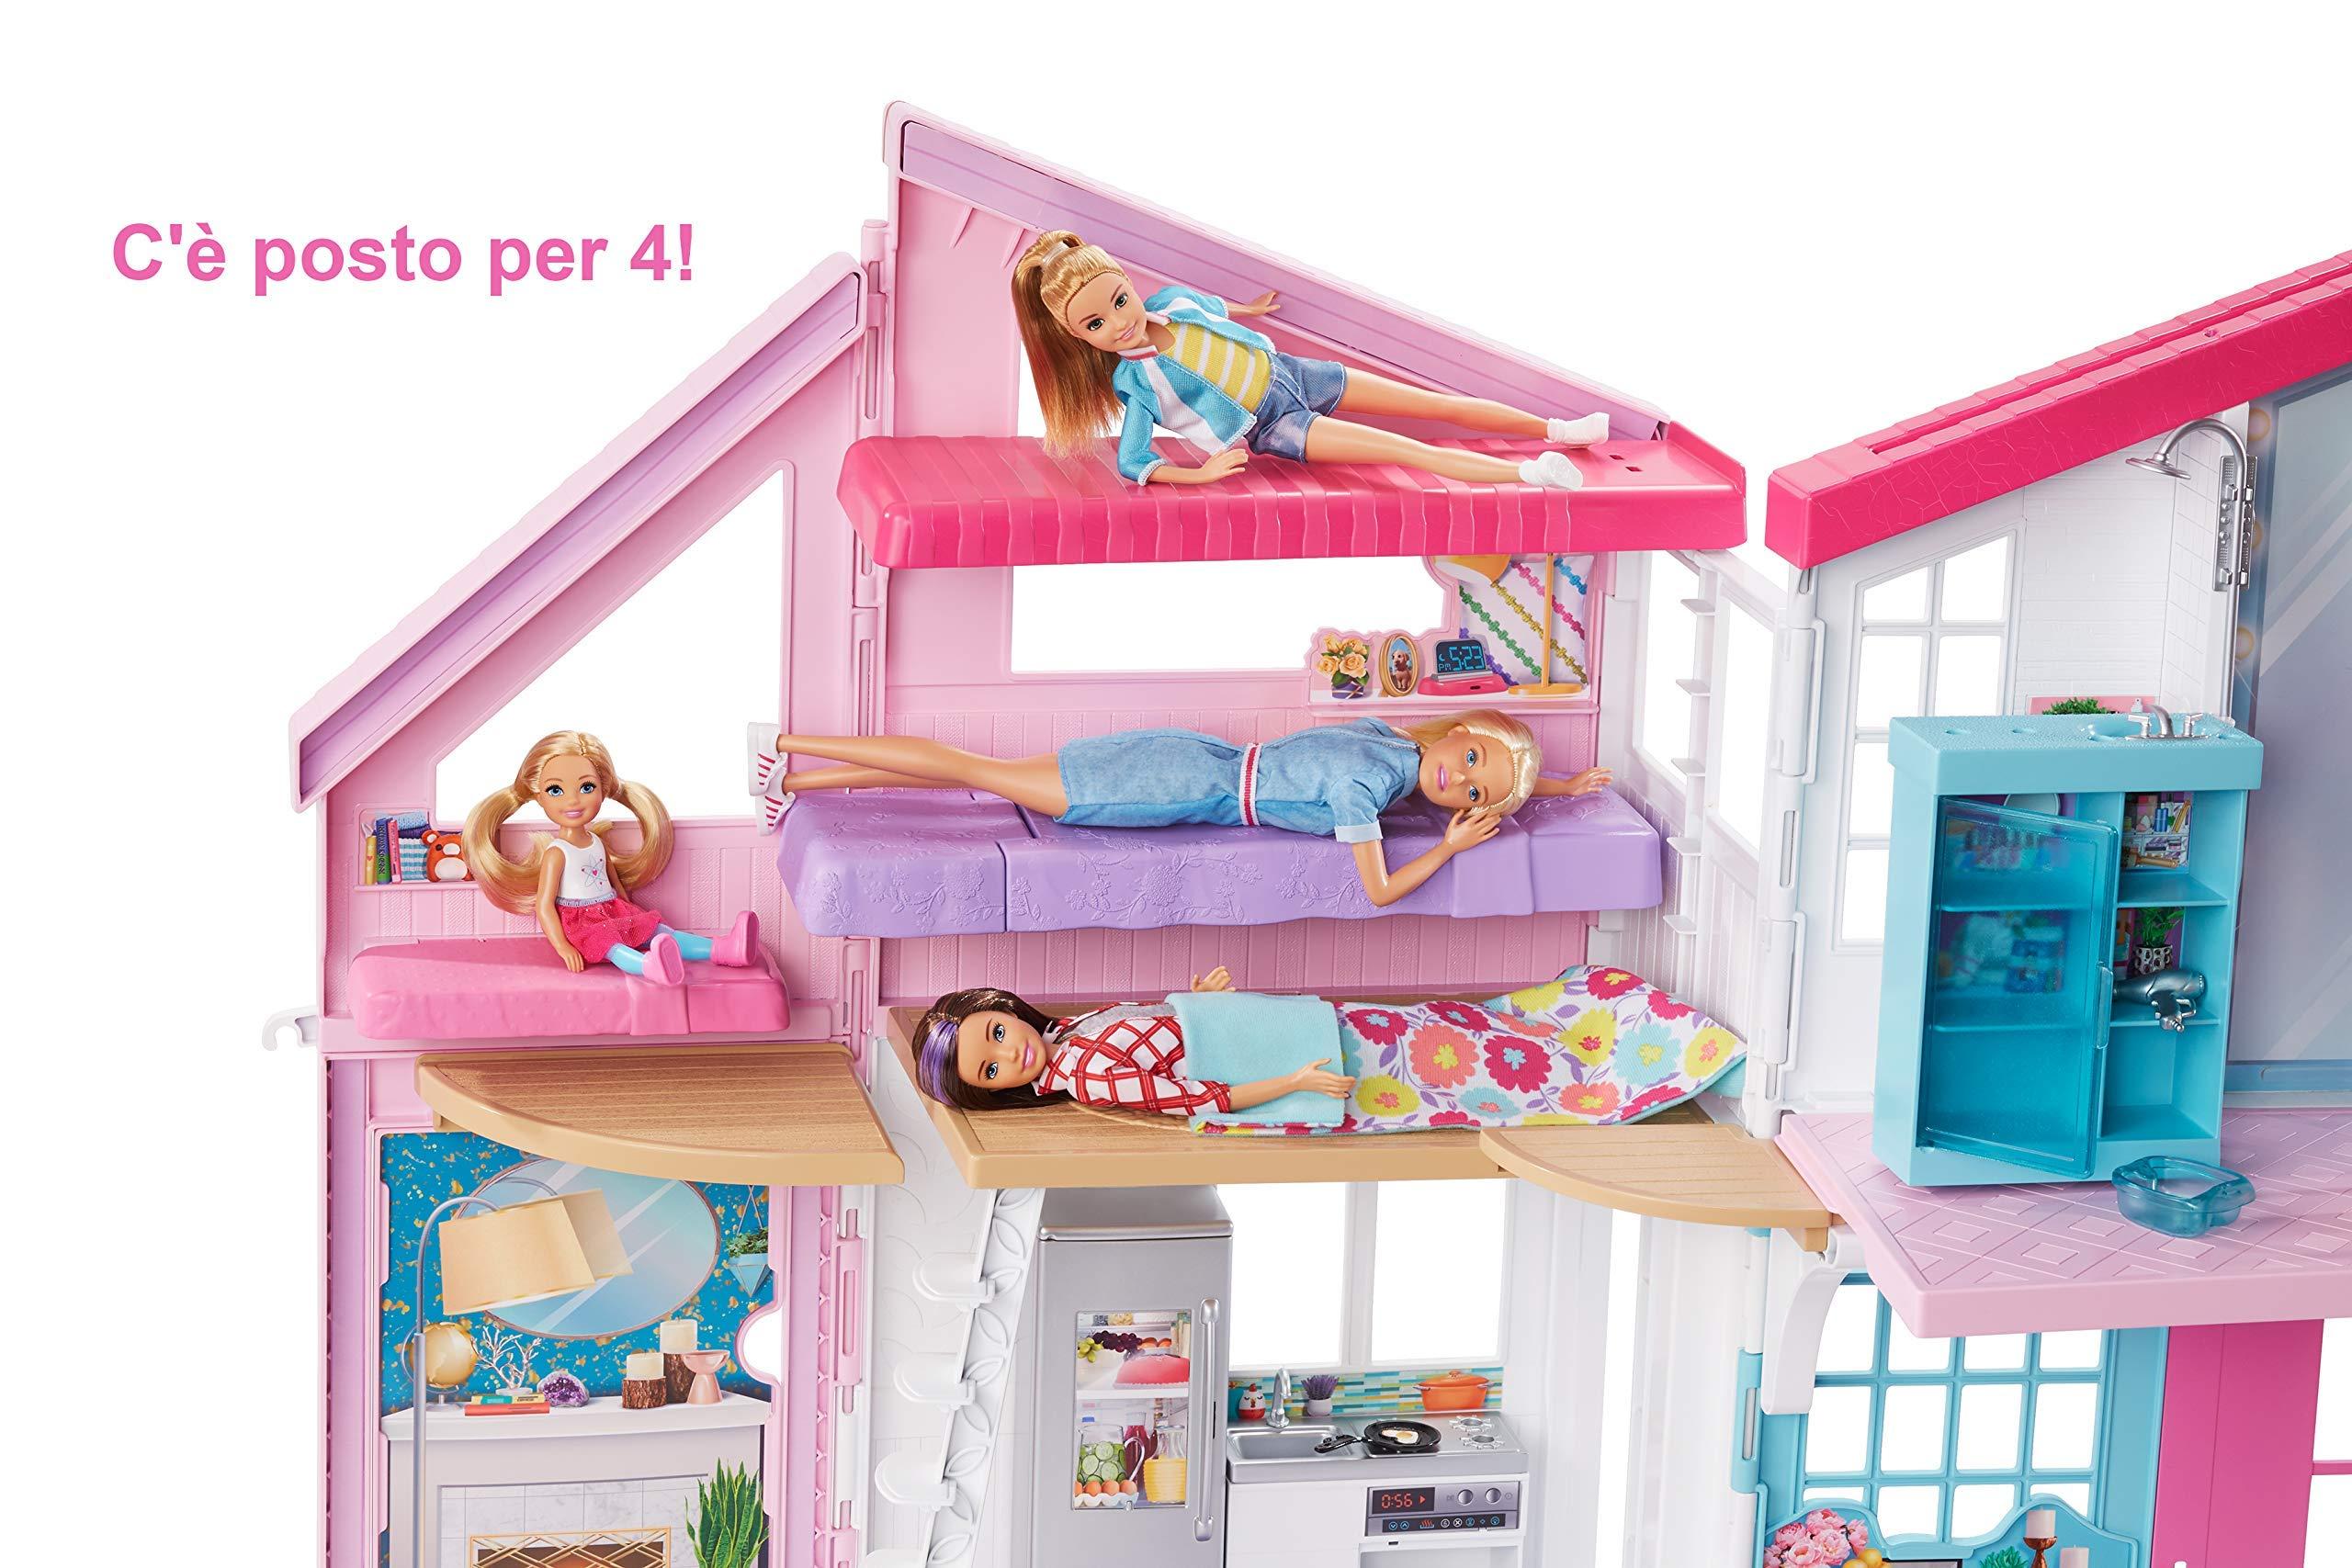 Barbie- La Nuova Casa di Malibu, Playset Richiudibile su Due Piani con Accessori, 61 cm, Giocattolo per Bambini 3+ Anni… 4 spesavip